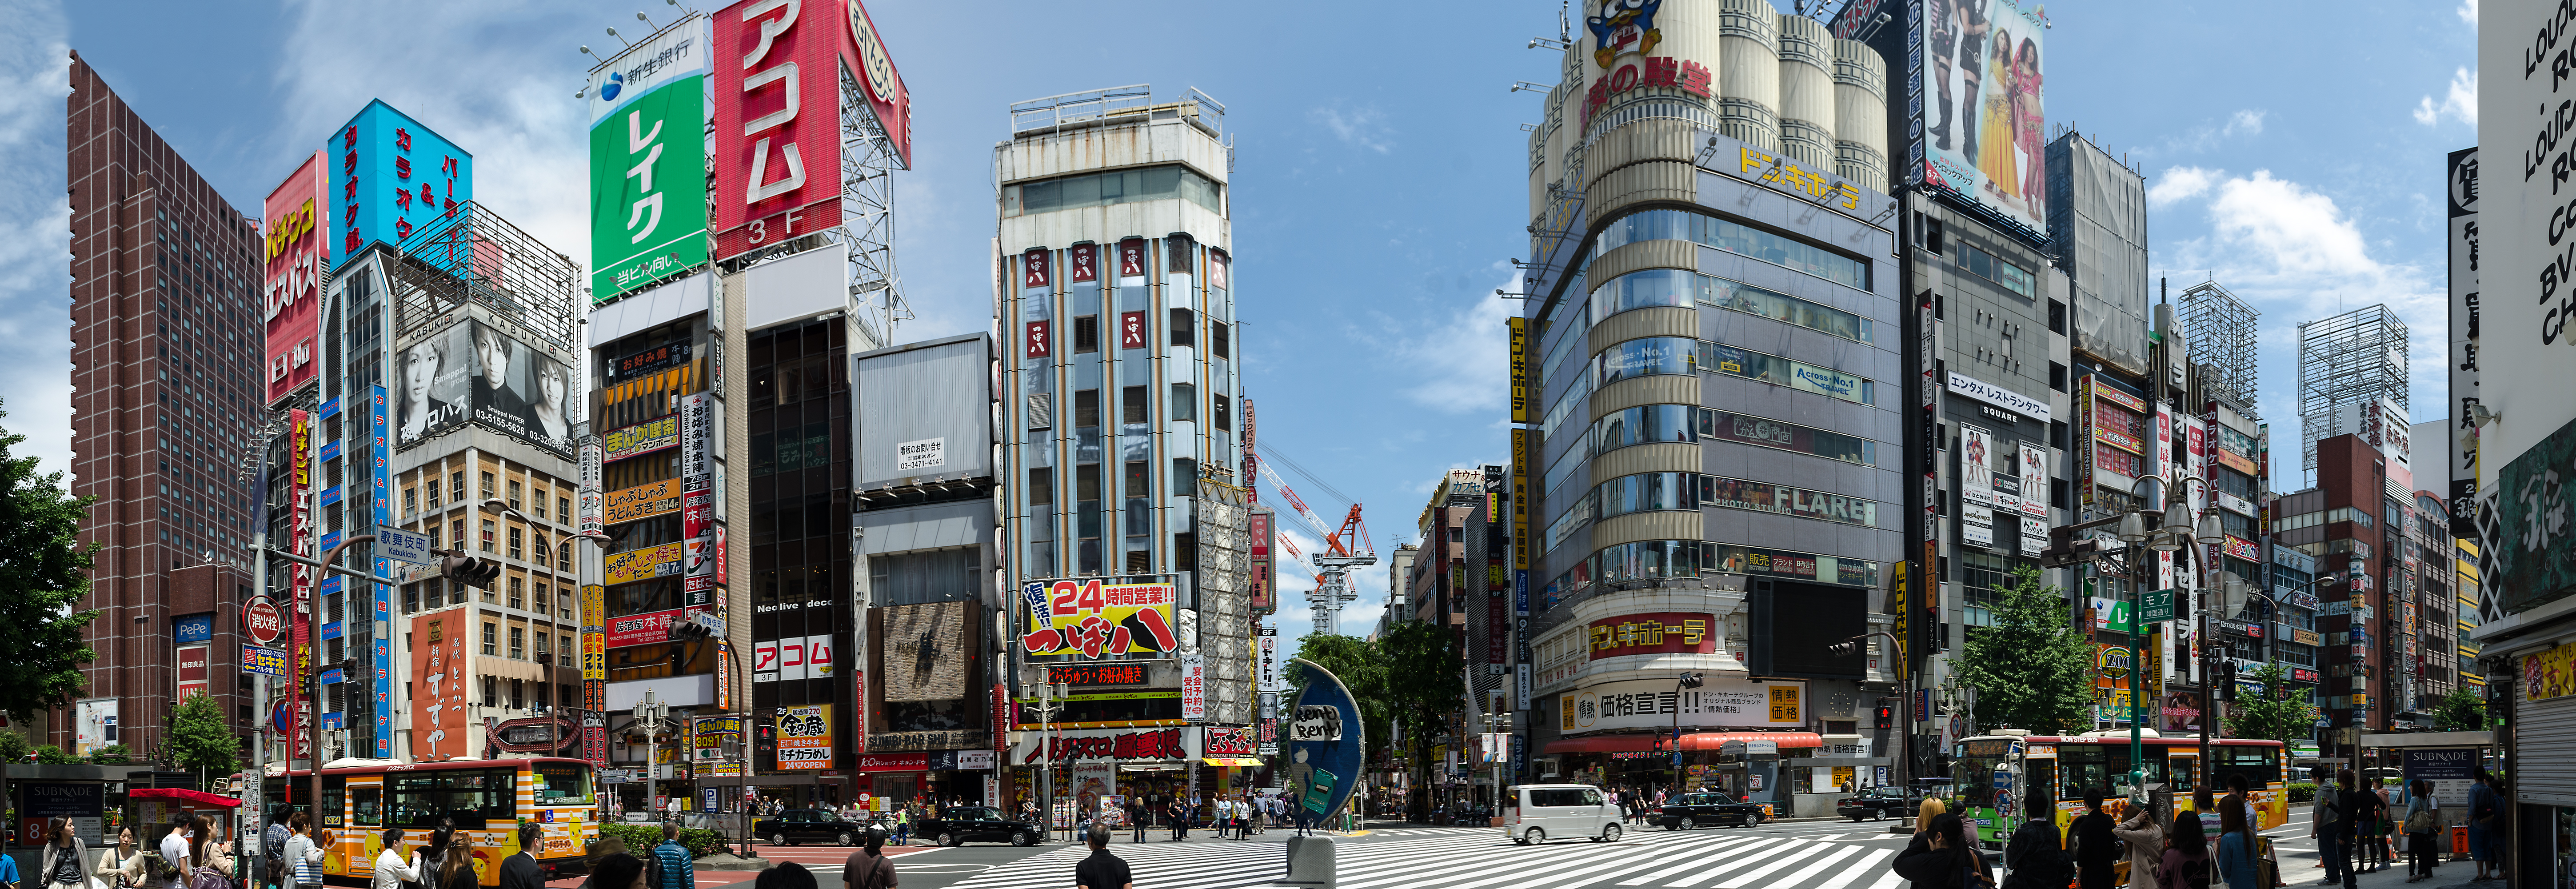 Shinjuku Panorama I by MarcAndrePhoto